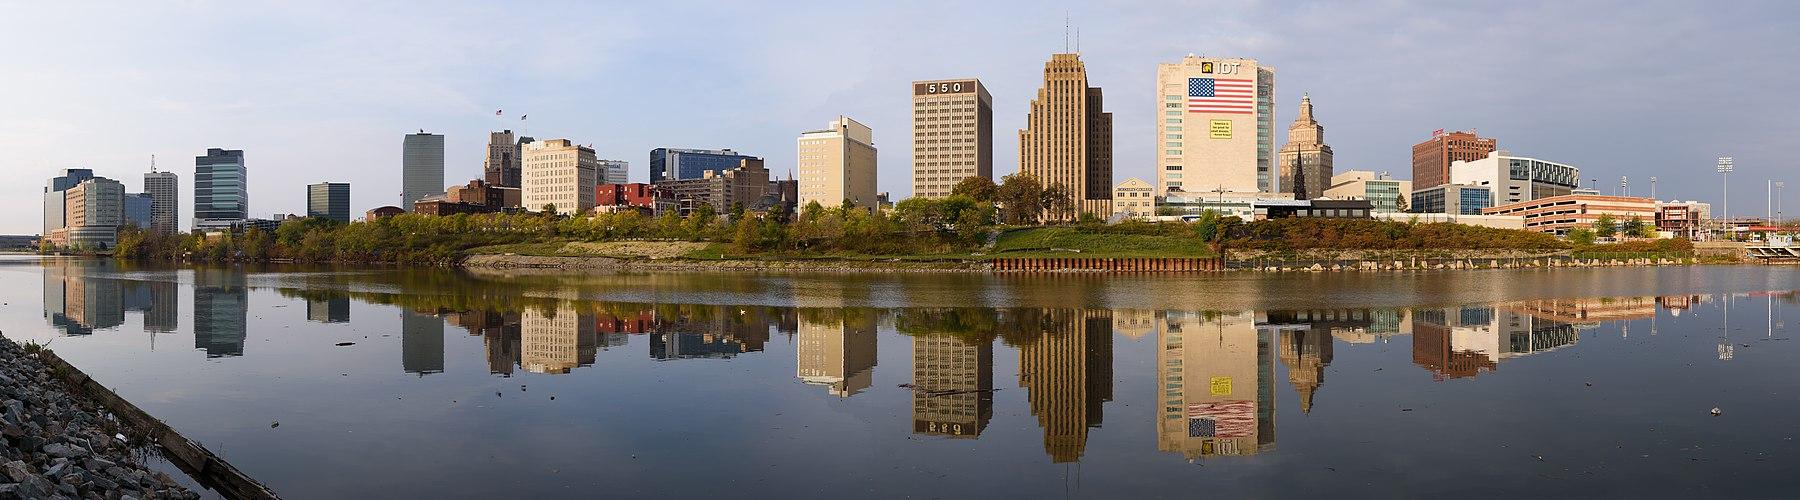 Newark New Jersey Wikipedia - Us zip code newark